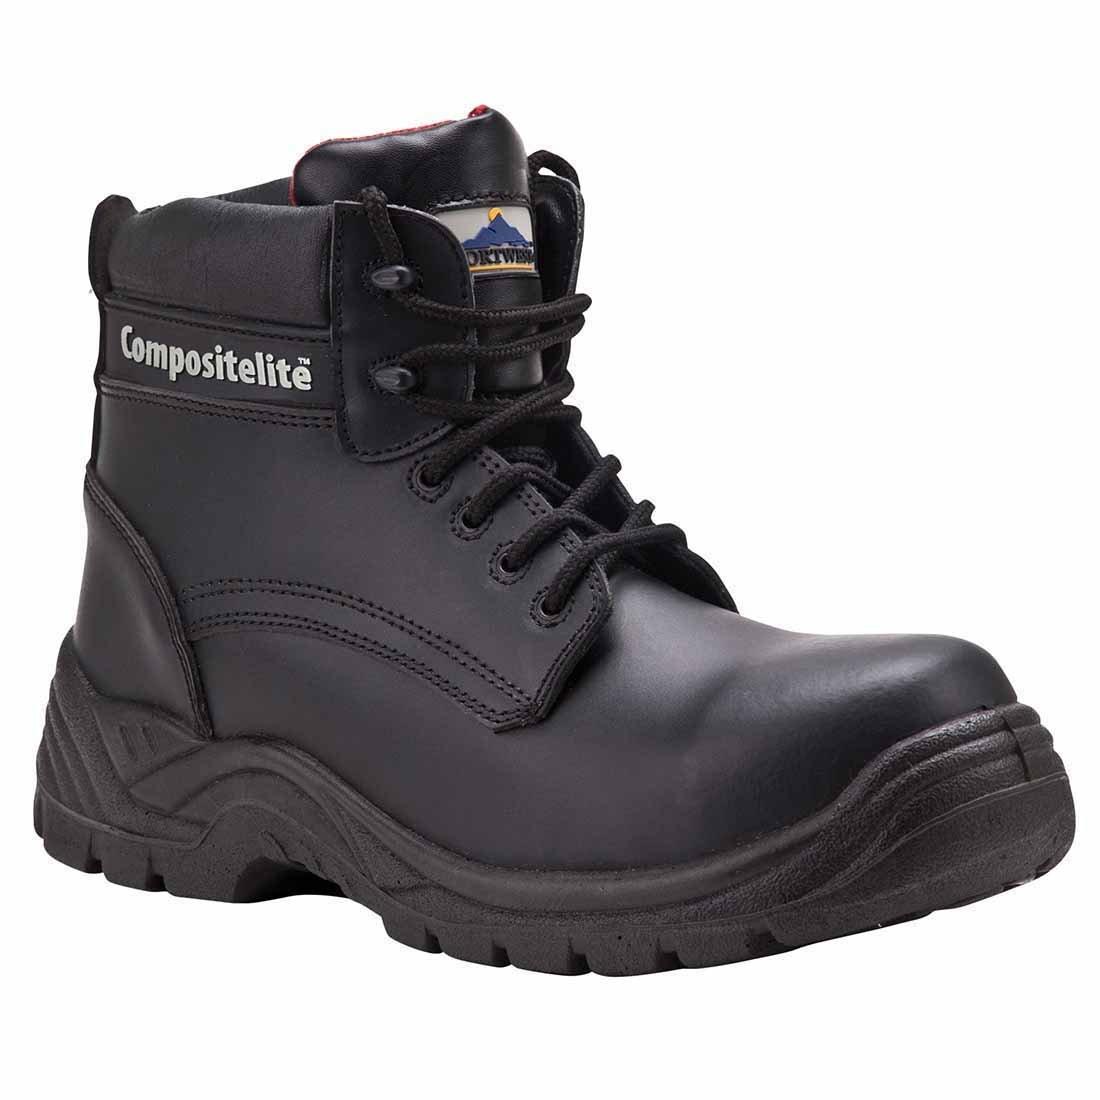 Portwest Chaussures FC11 Compositelite Chaussures de sécurité S3 Pointure B001949G88 38, Portwest 40, noir noir 60a5e47 - latesttechnology.space